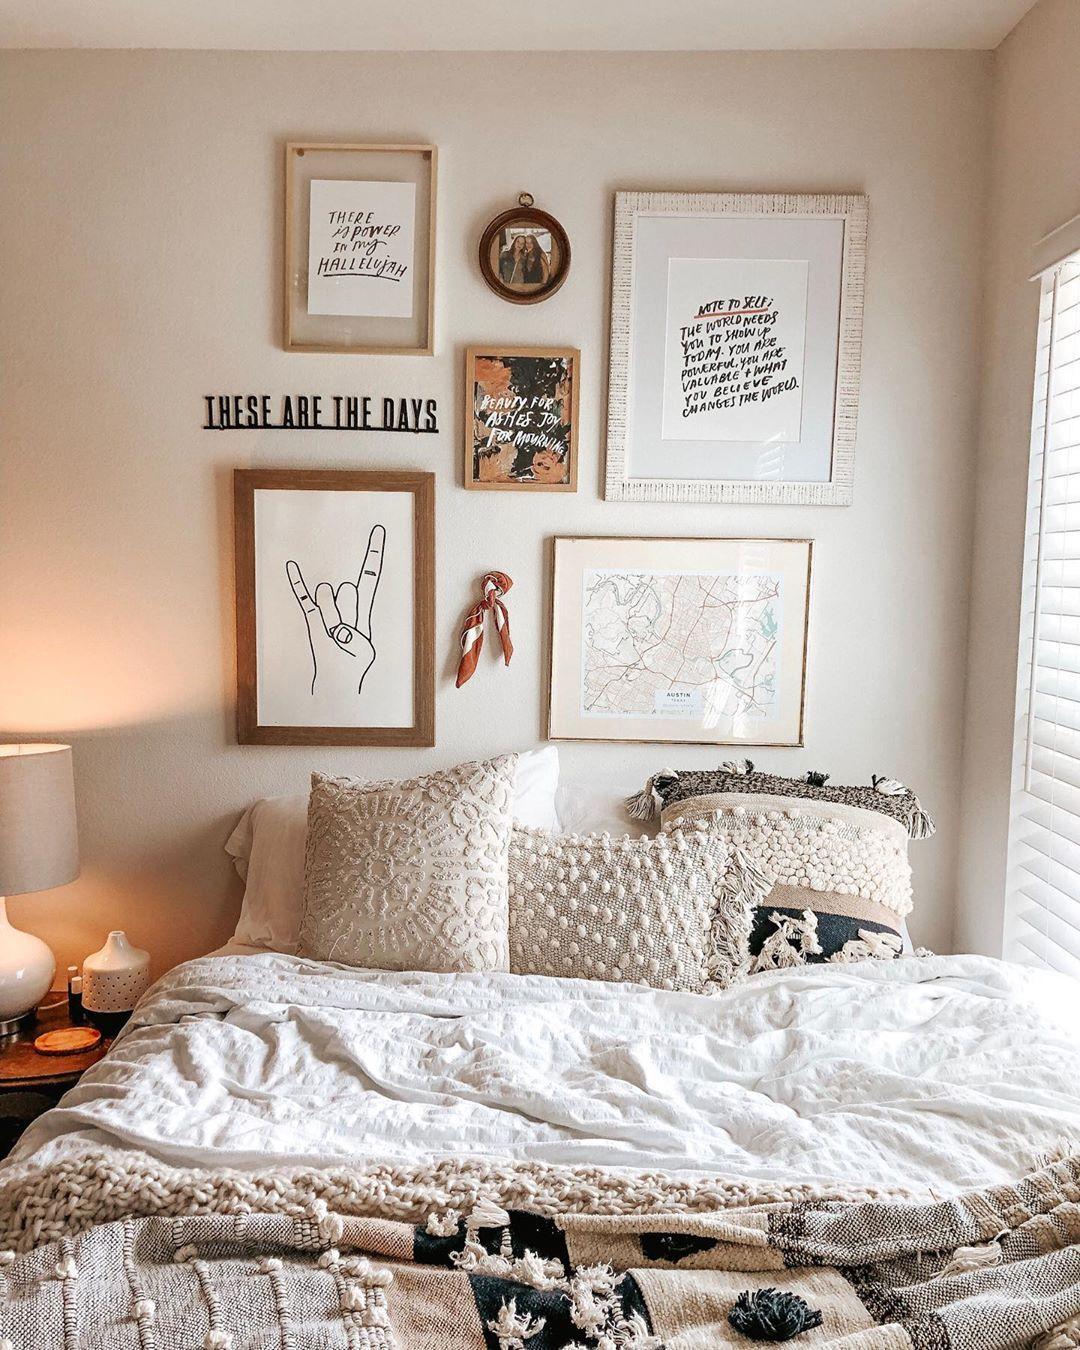 Kleines Schlafzimmer Einrichten Ideen Fur Kleine Raume In 2020 Schlafzimmer Einrichten Kleines Schlafzimmer Einrichten Zimmer Gestalten